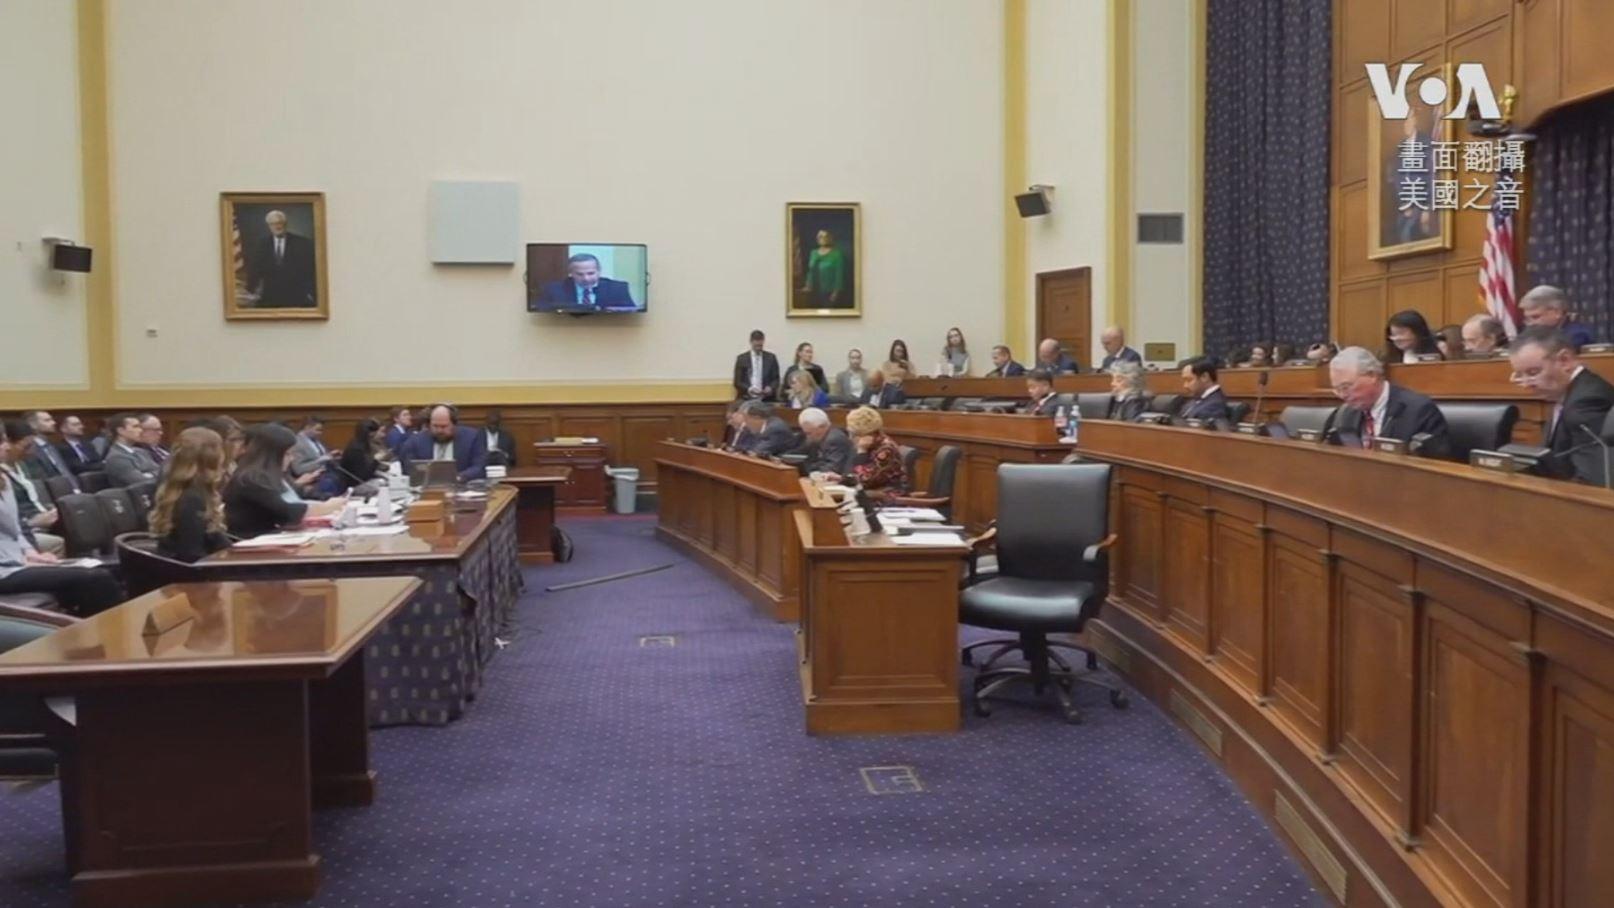 美國眾議院通過支援法案 捍衛西藏宗教自由